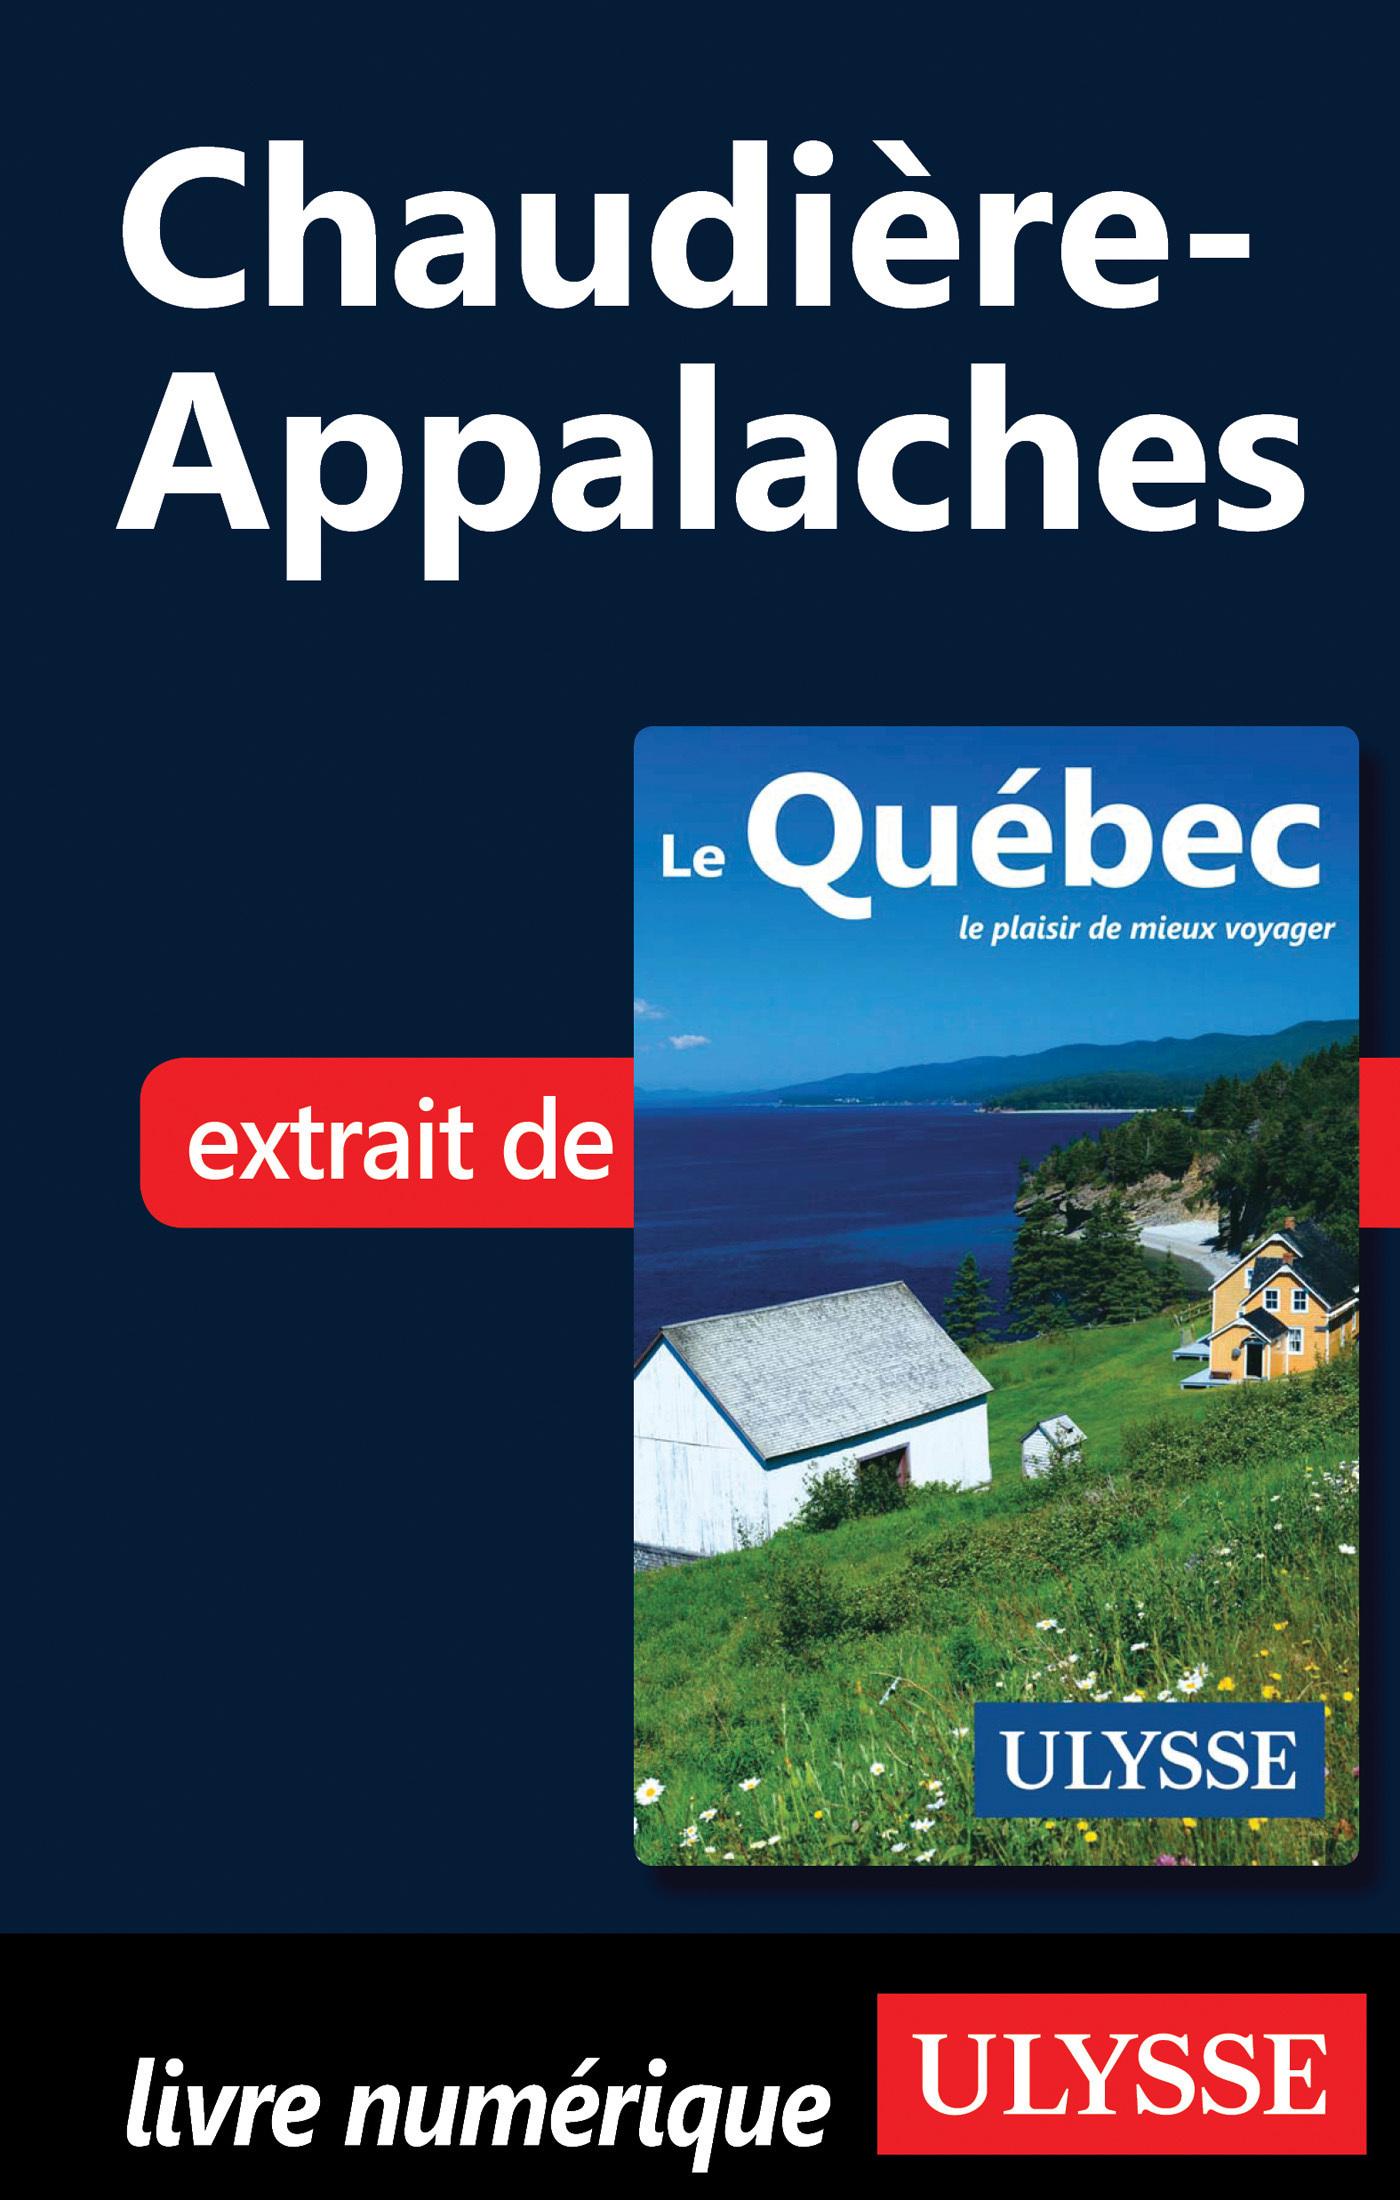 Chaudière-Appalaches (Chapitre)